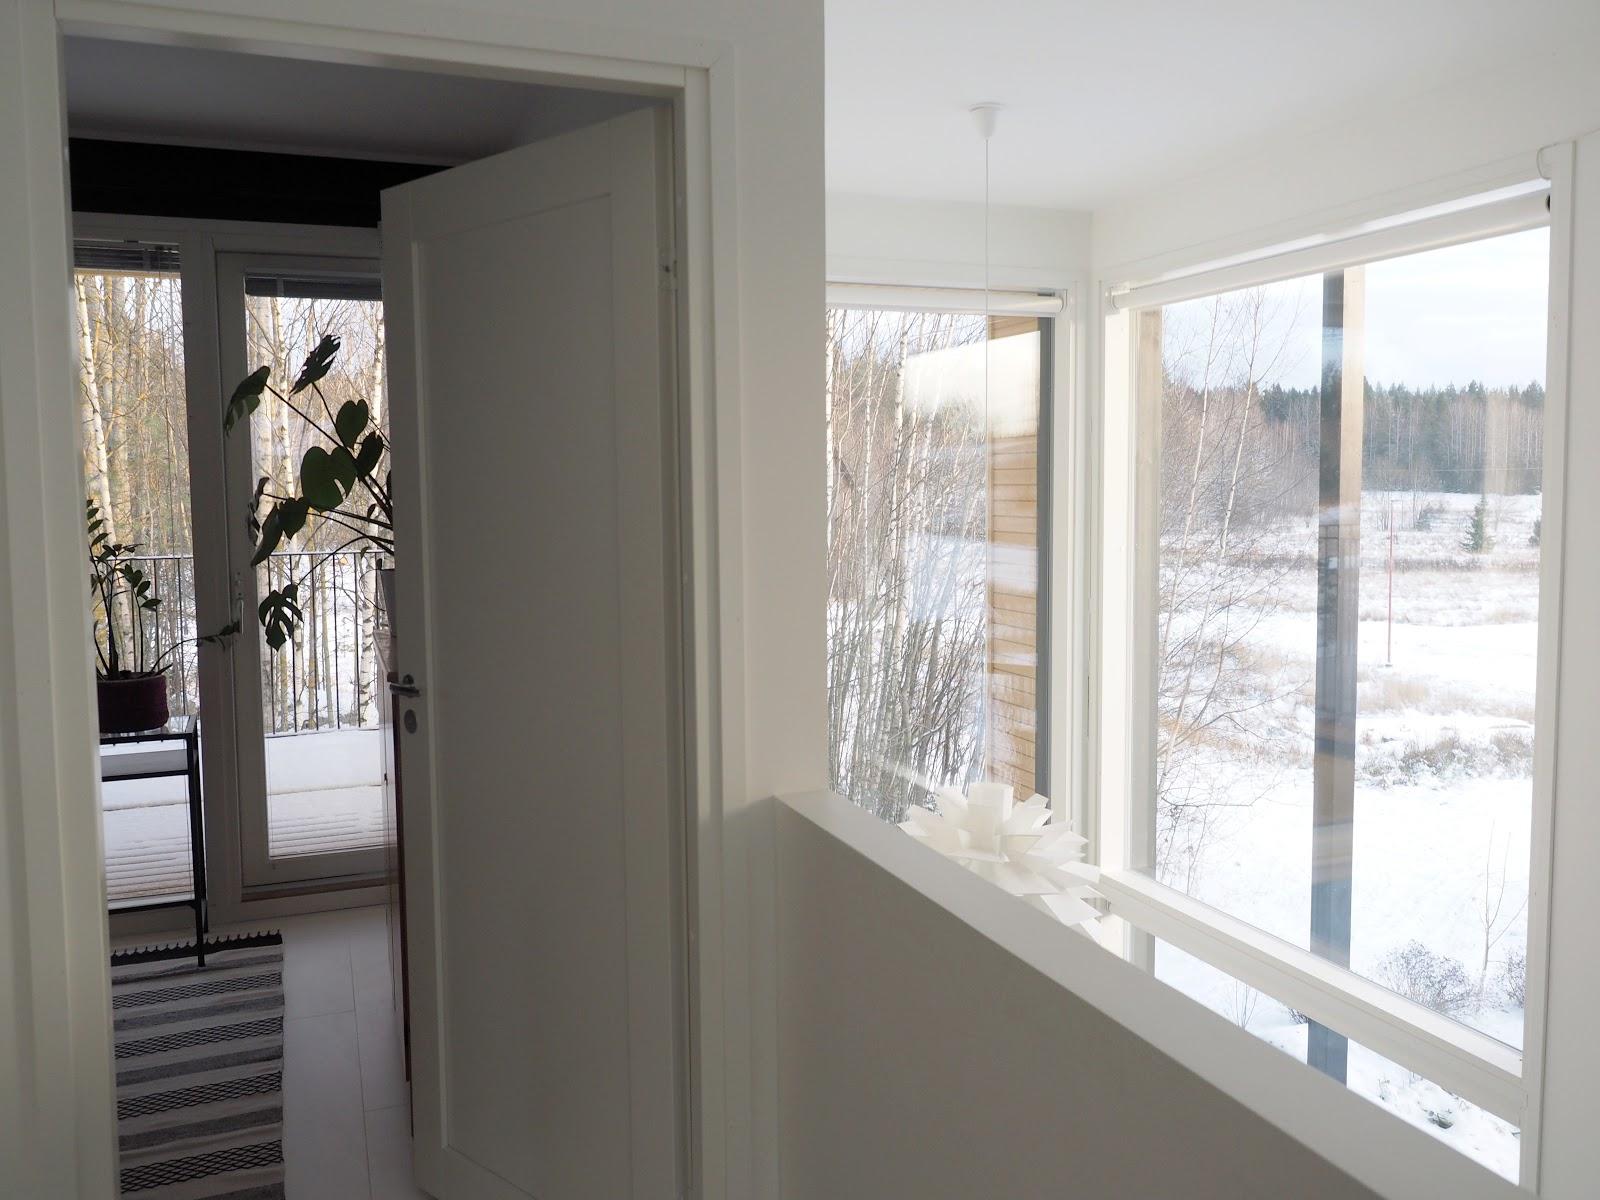 Yläkerta, maisema, talvi, moderni koti